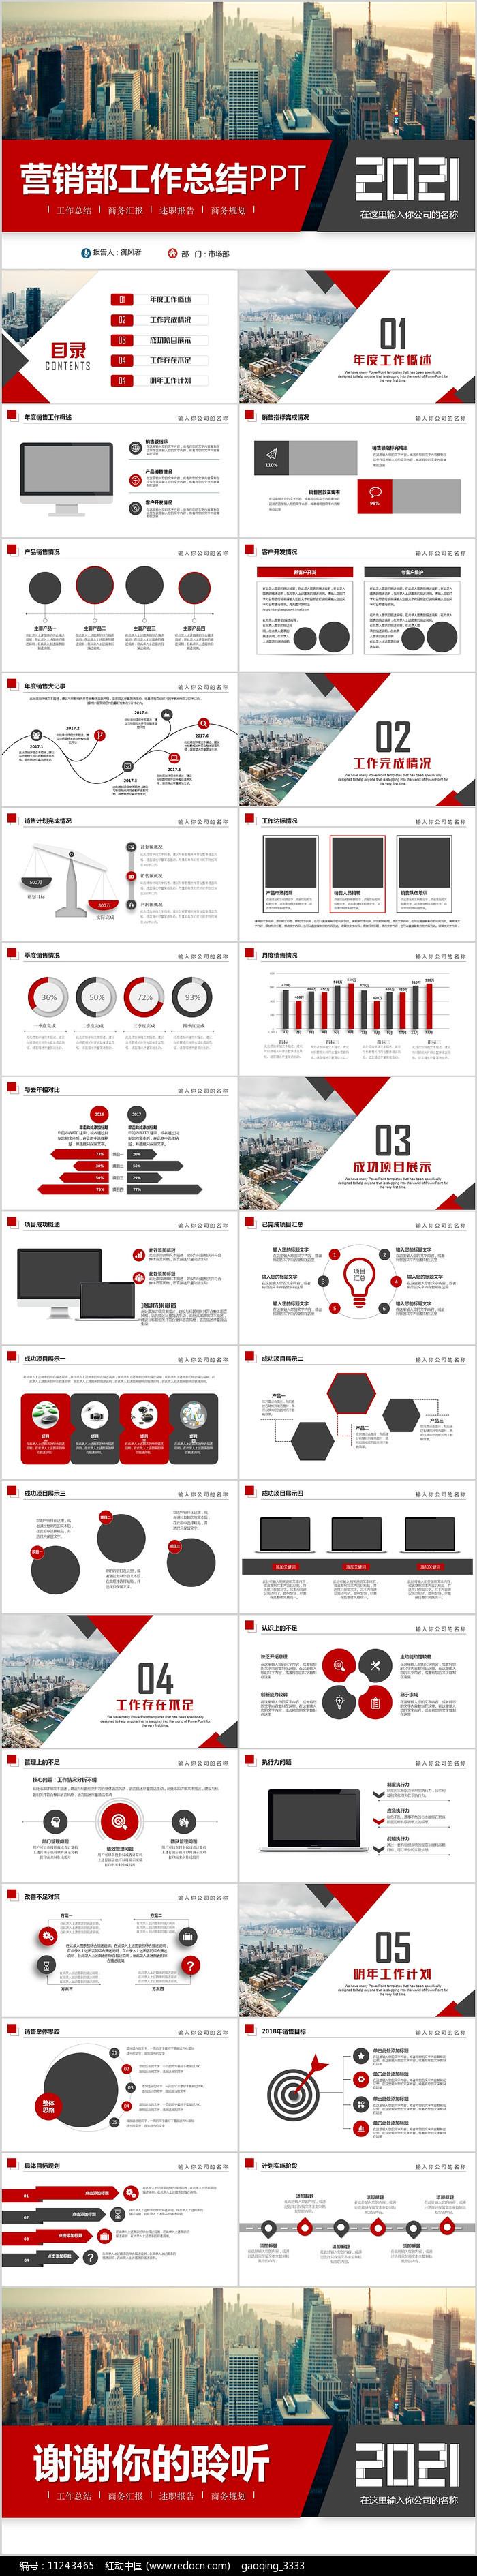 工作报告经营分析销售部年终总结PPT图片